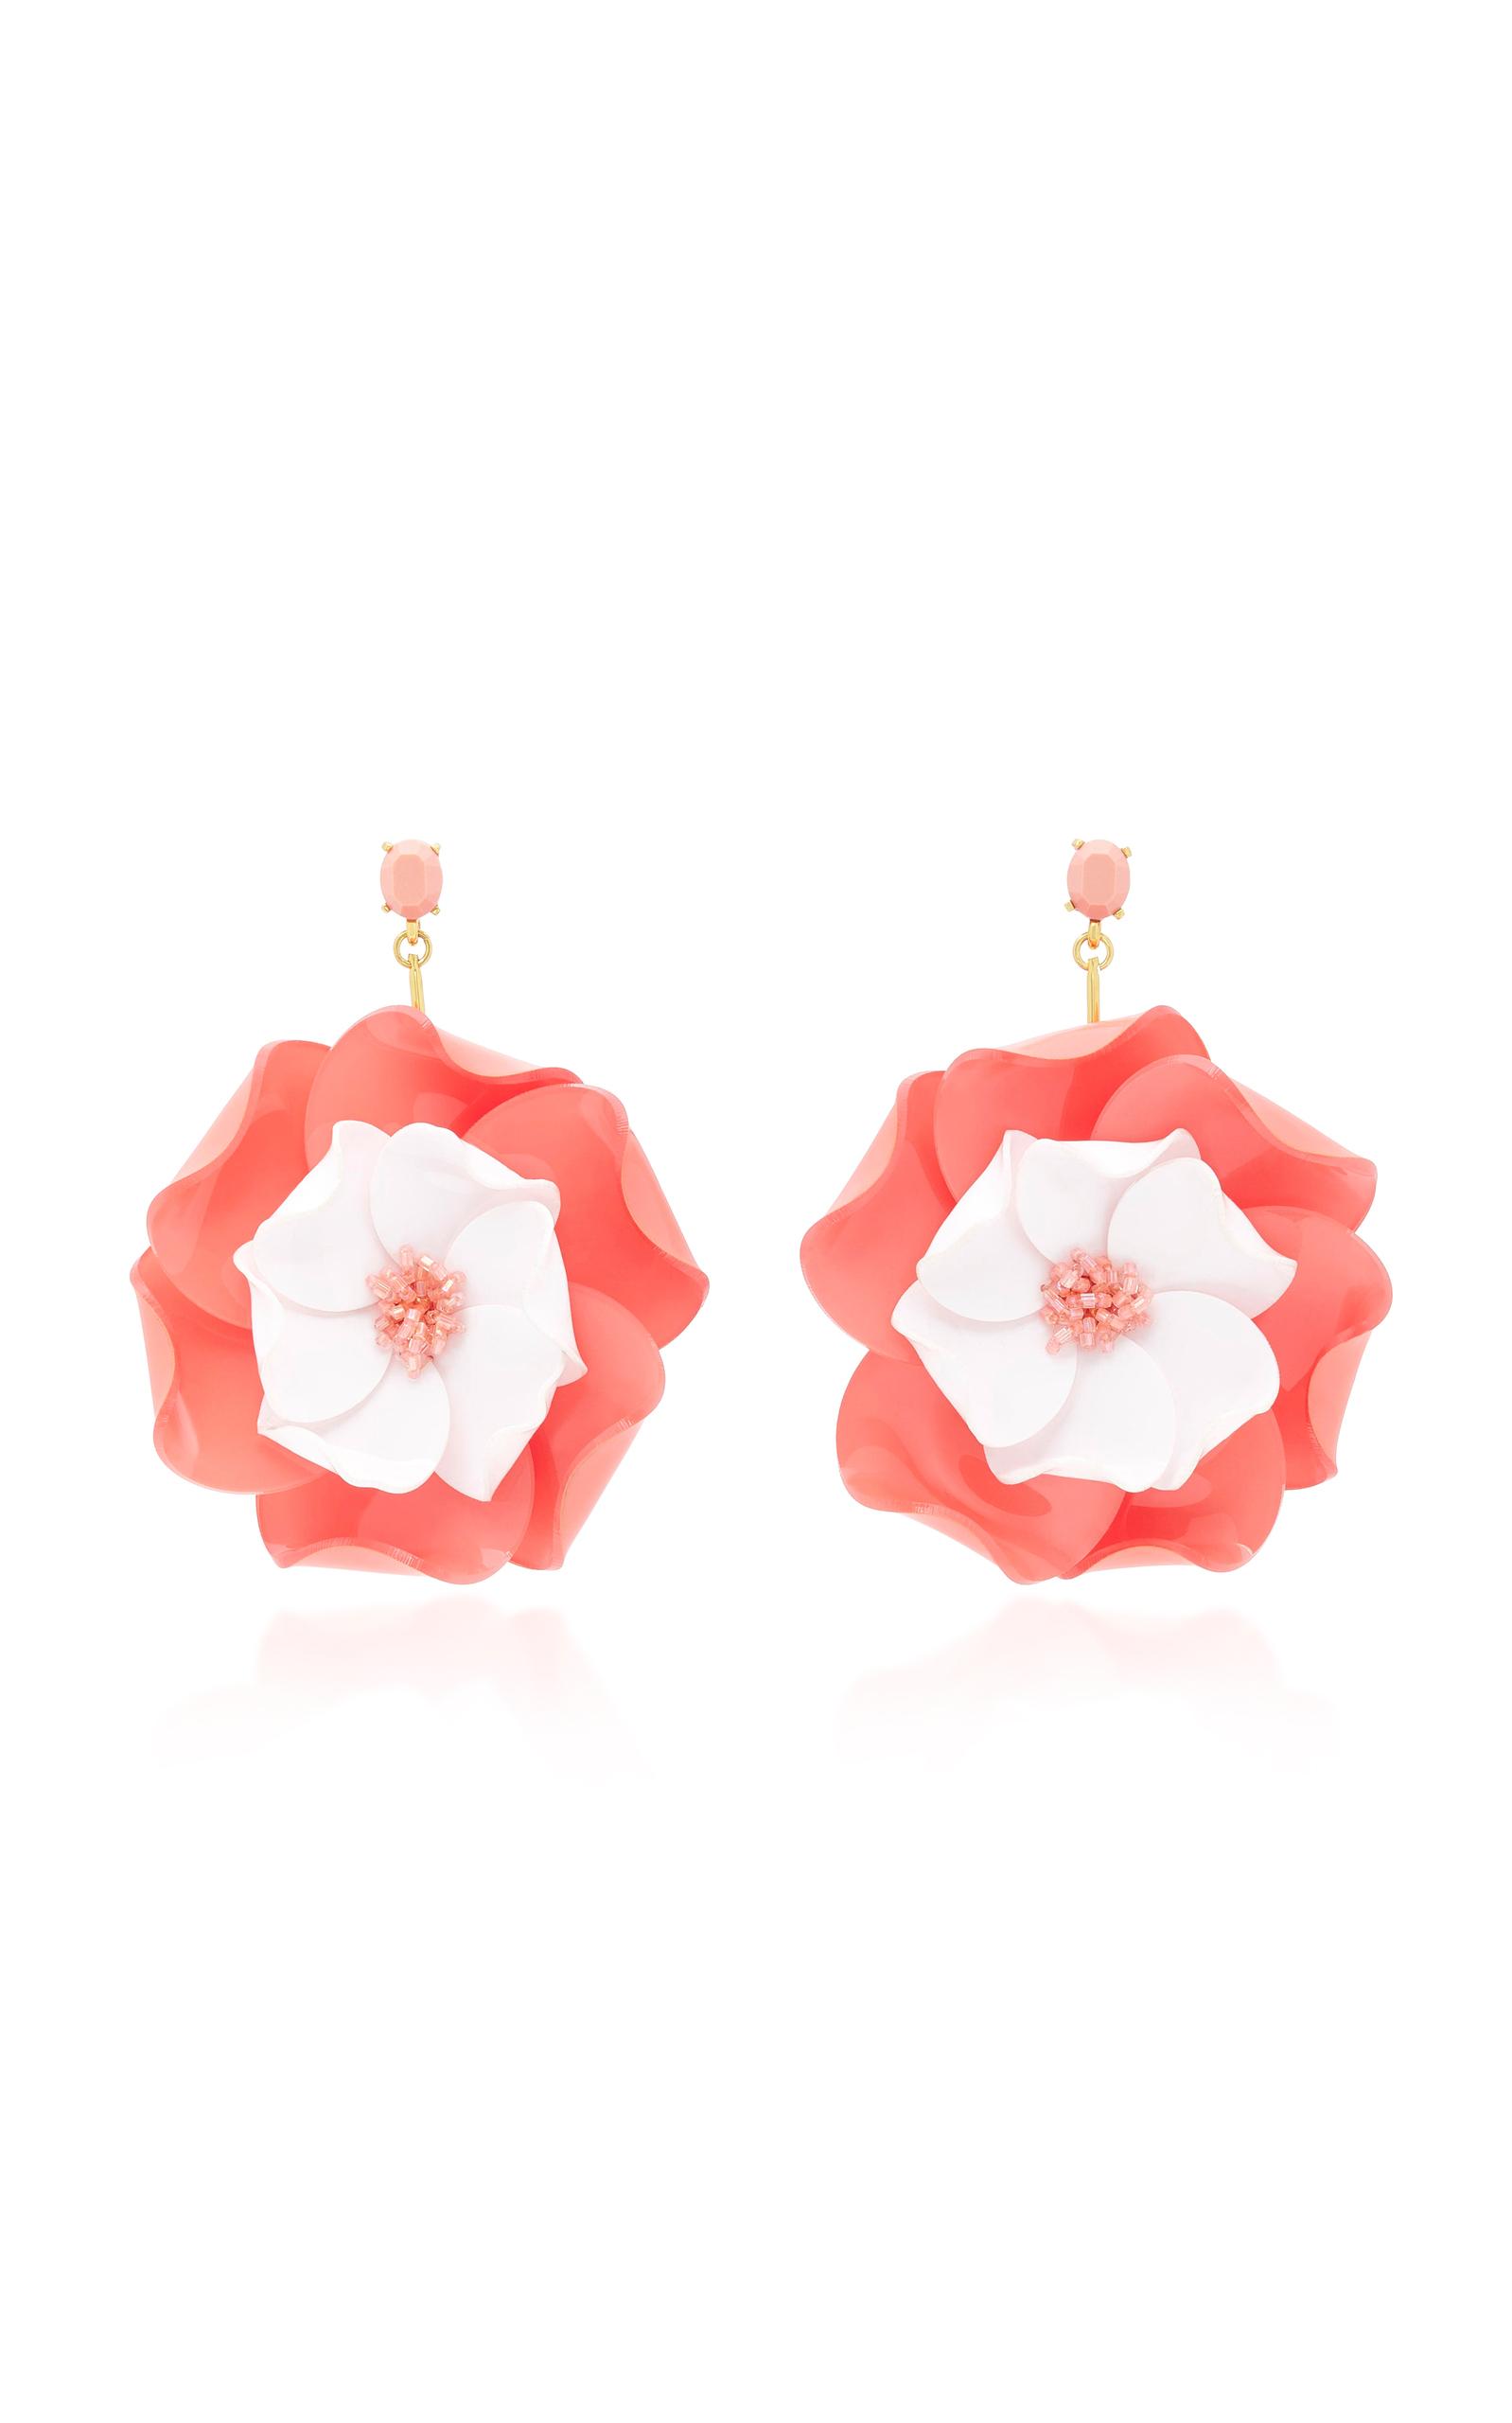 Oscar De La Renta Petunia Long Floral Drop Earrings fURazM0